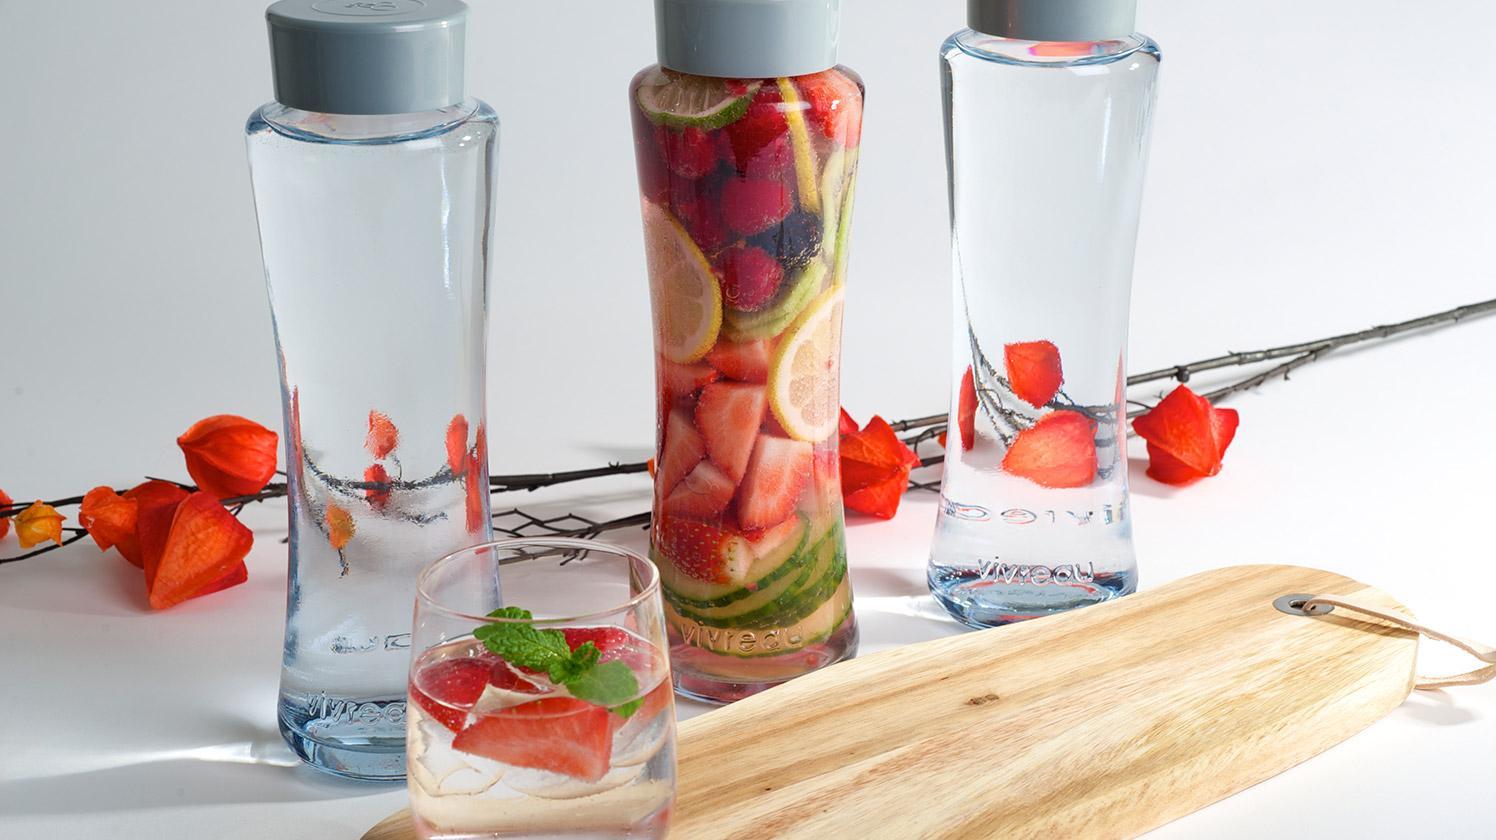 bouteilles twist brita avec fruits